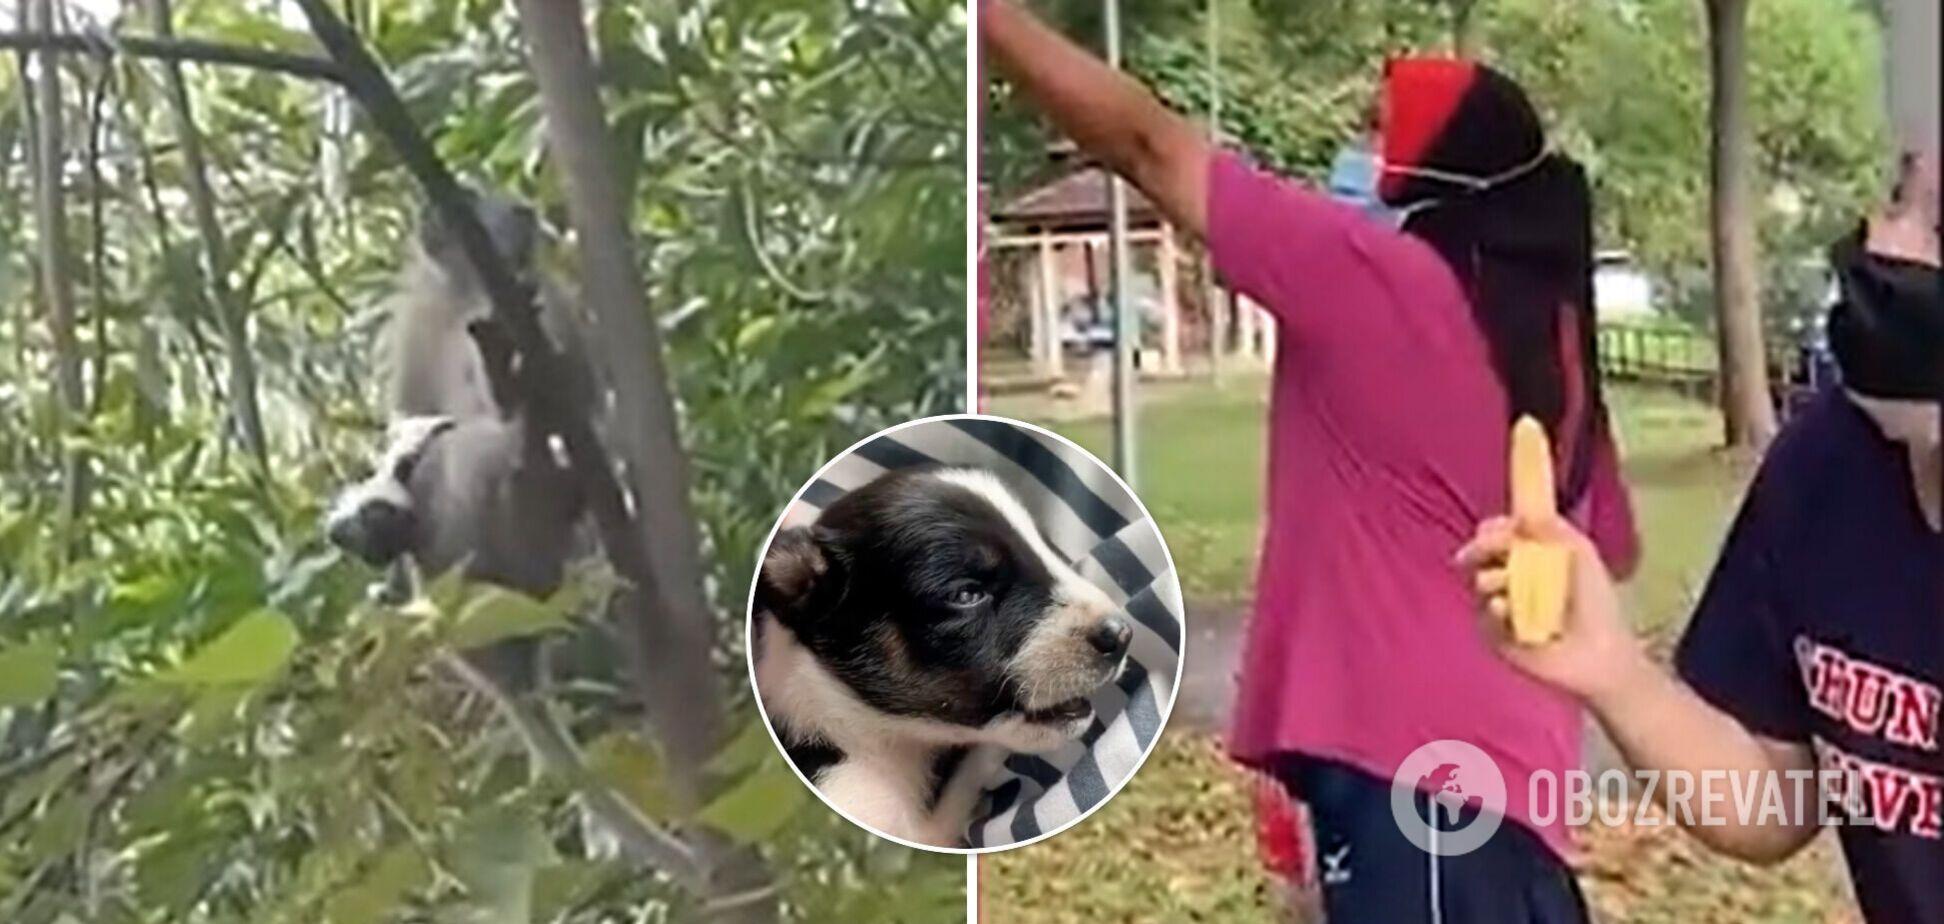 Обезьяна украла щенка и три дня лазила с ним по деревьям. Видео